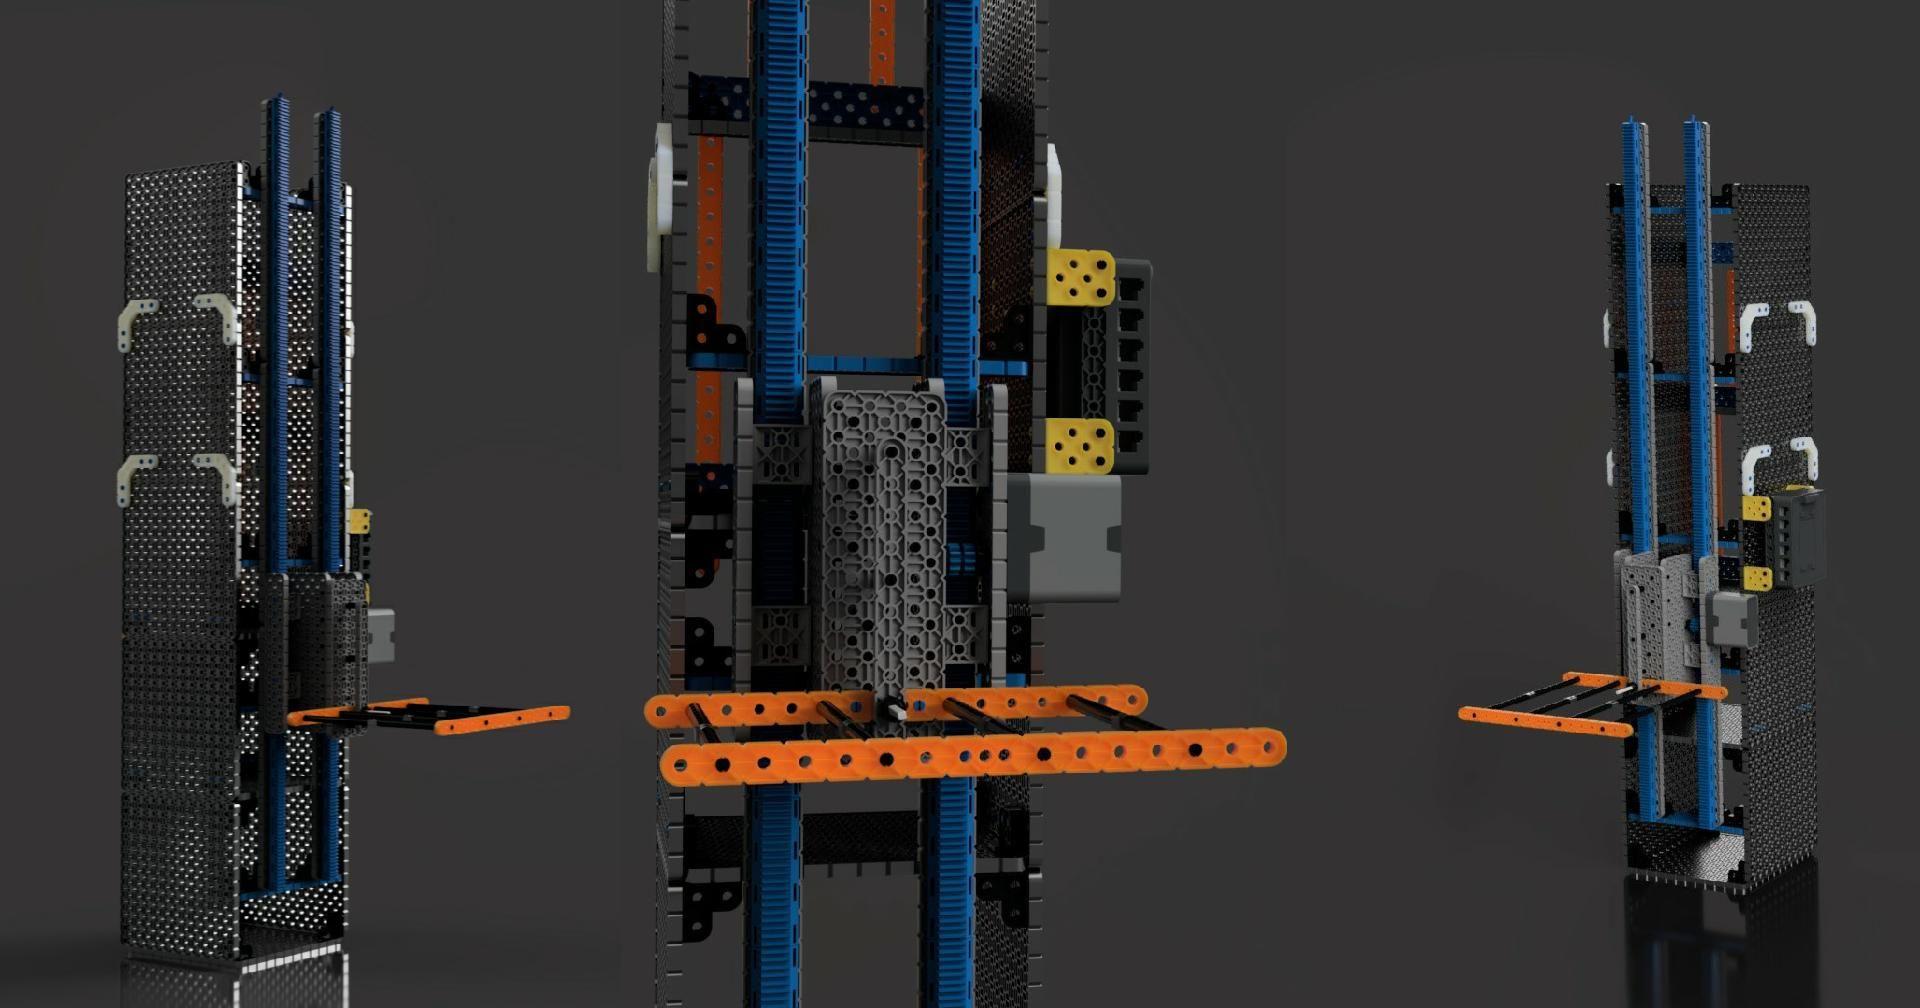 Elevador---vex-iq-challenge---fabrica-de-nerdes-2019-lcs-3500-3500